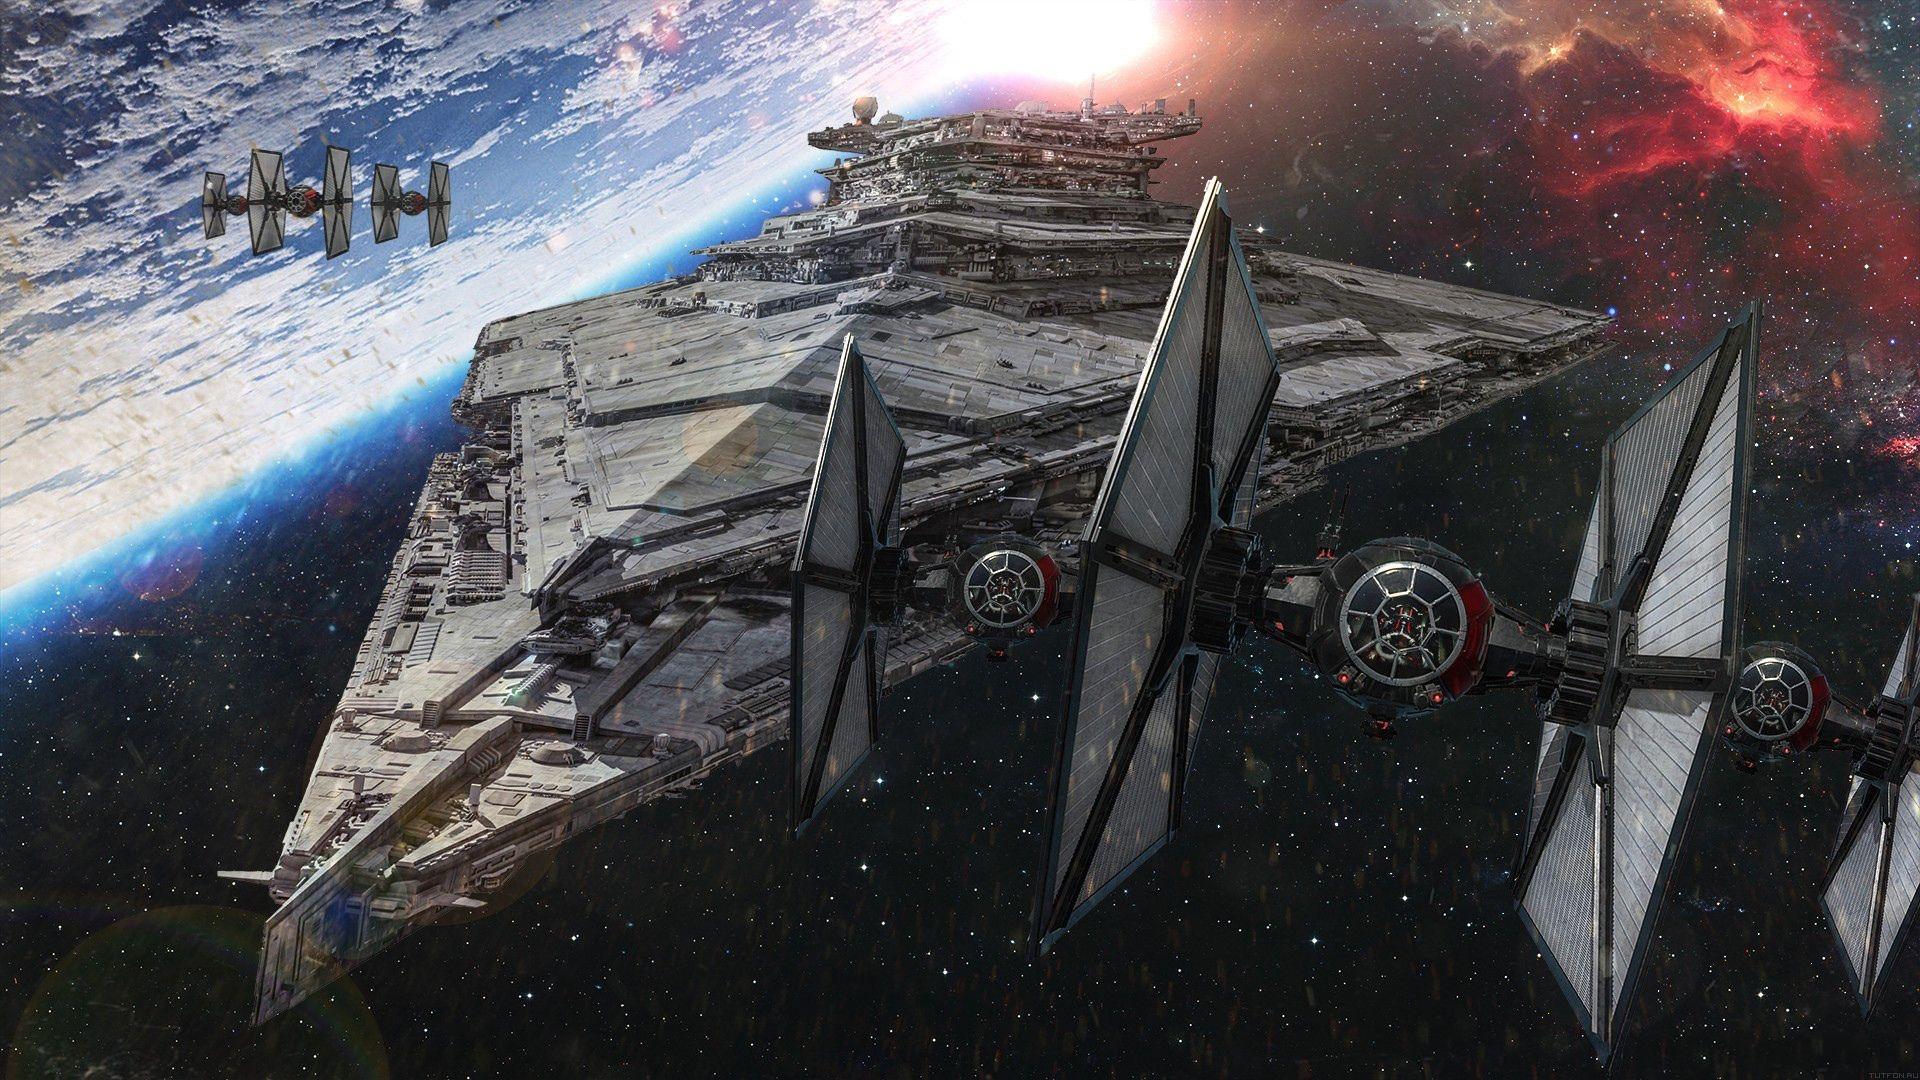 Skachat Oboi Kosmos Kosmicheskie Korabli Zvezdnye Vojny Zvezdy Na